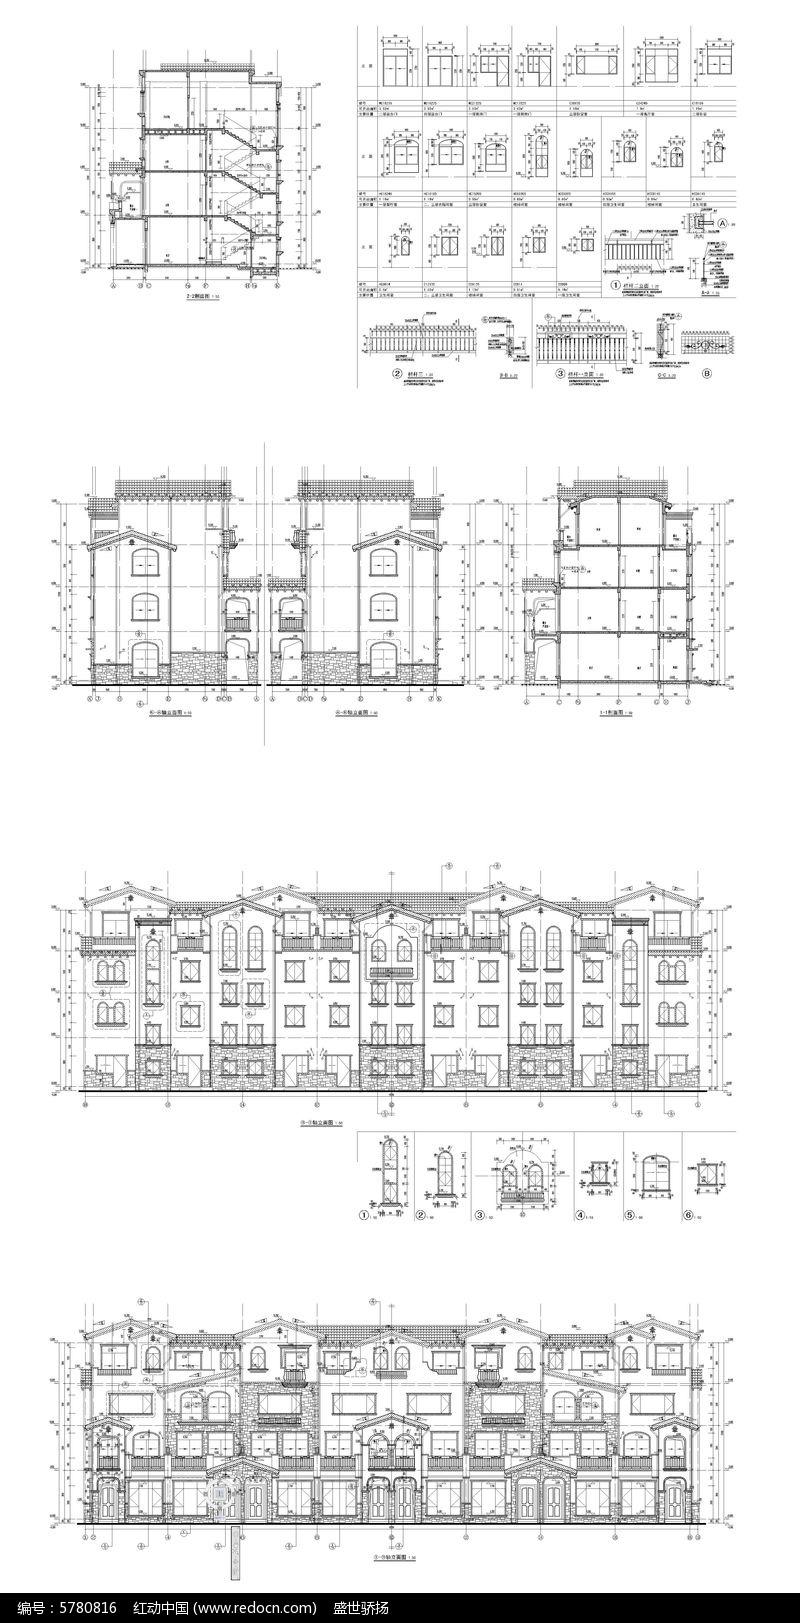 图纸马车建筑CAD别墅dwg素材下载_豪宅CAD住宅唐朝CAD图片